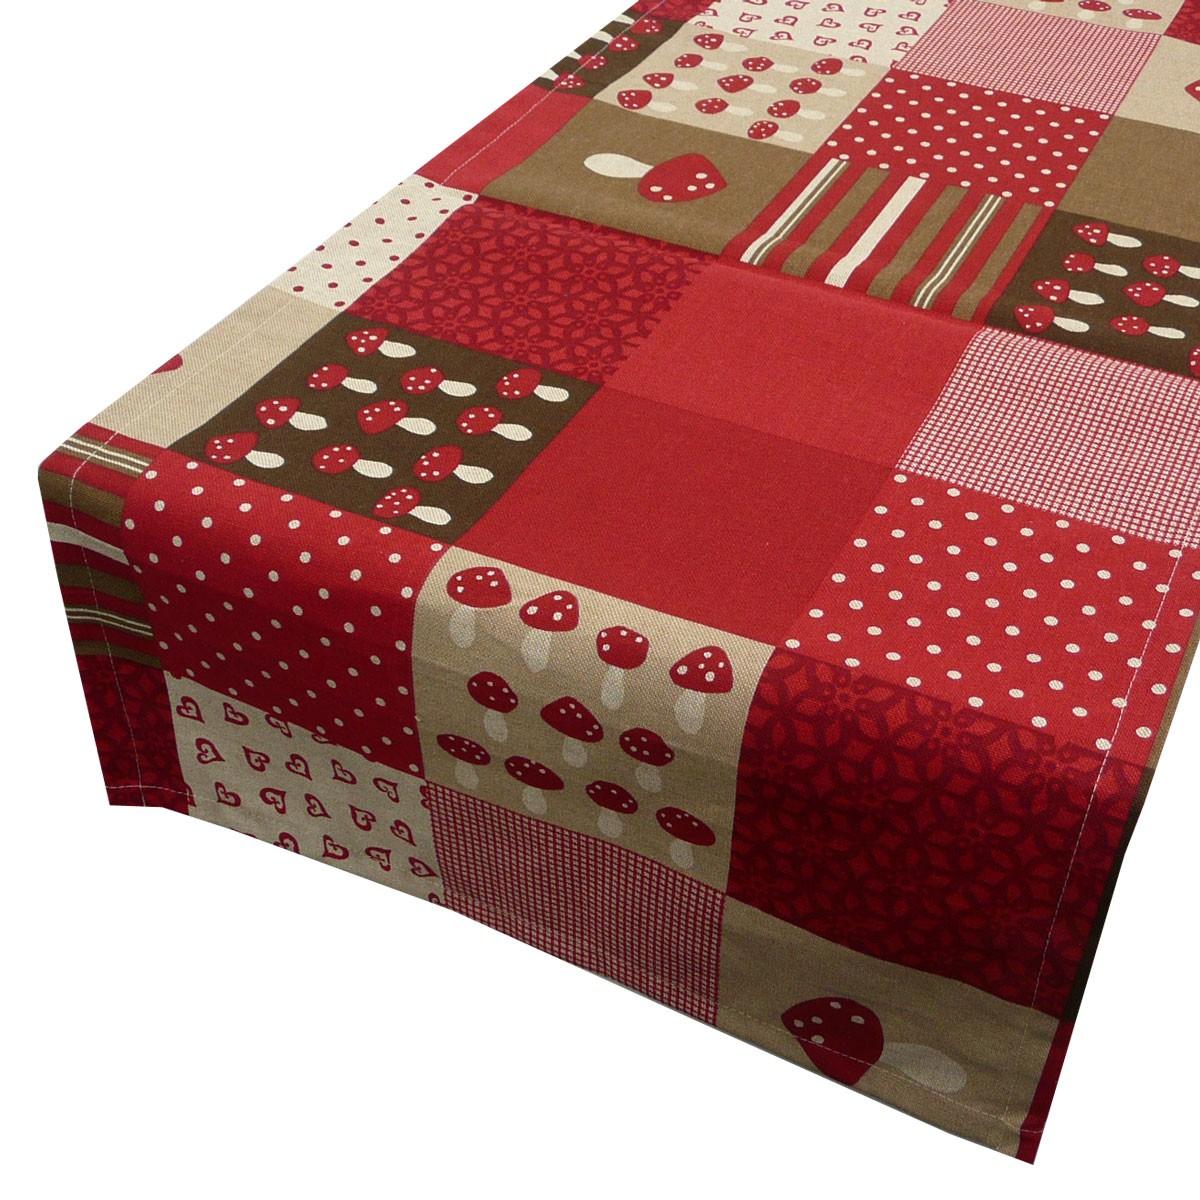 sch ner leben tischl ufer patchwork pilze rot 40x160cm ebay. Black Bedroom Furniture Sets. Home Design Ideas